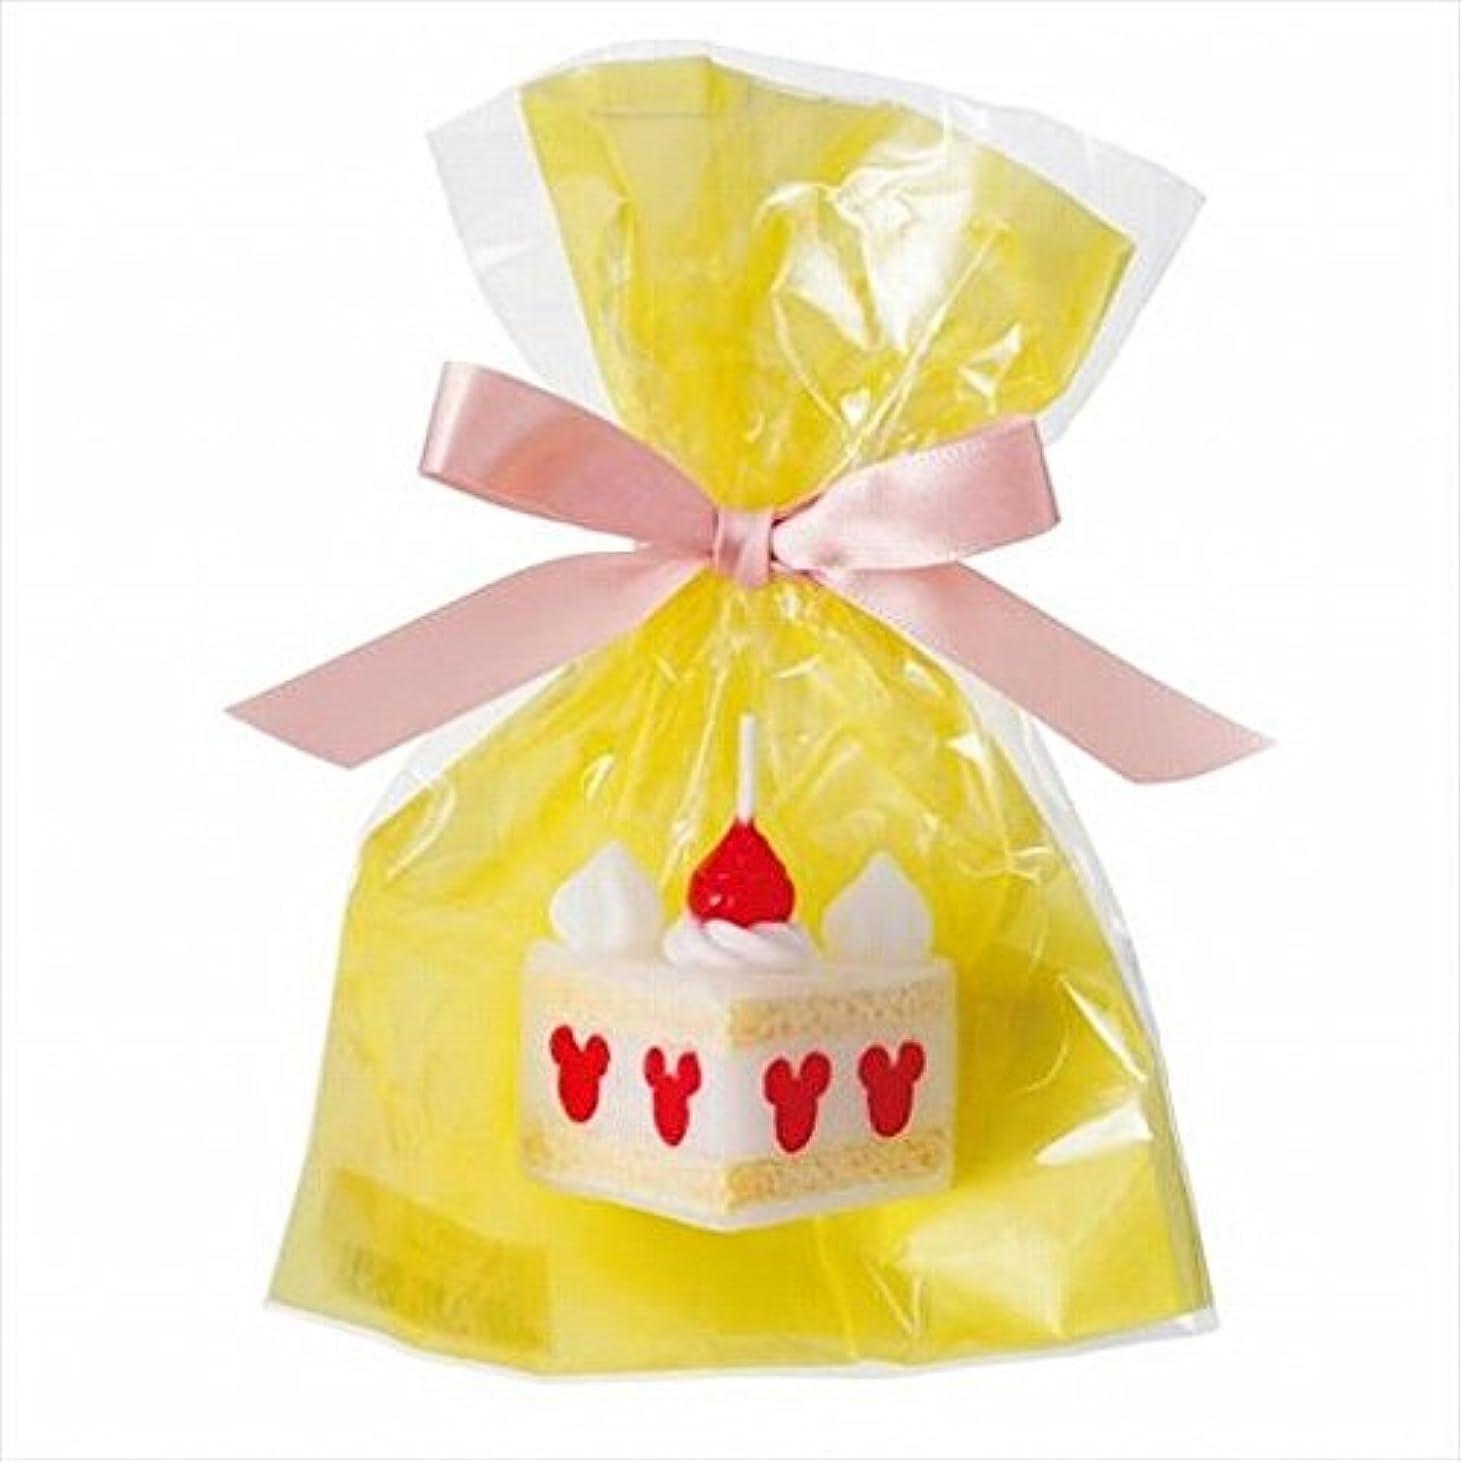 機動名詞アコードsweets candle(スイーツキャンドル) ディズニースイーツキャンドル 「 ショートケーキ 」 キャンドル 43x32x40mm (A4350010)